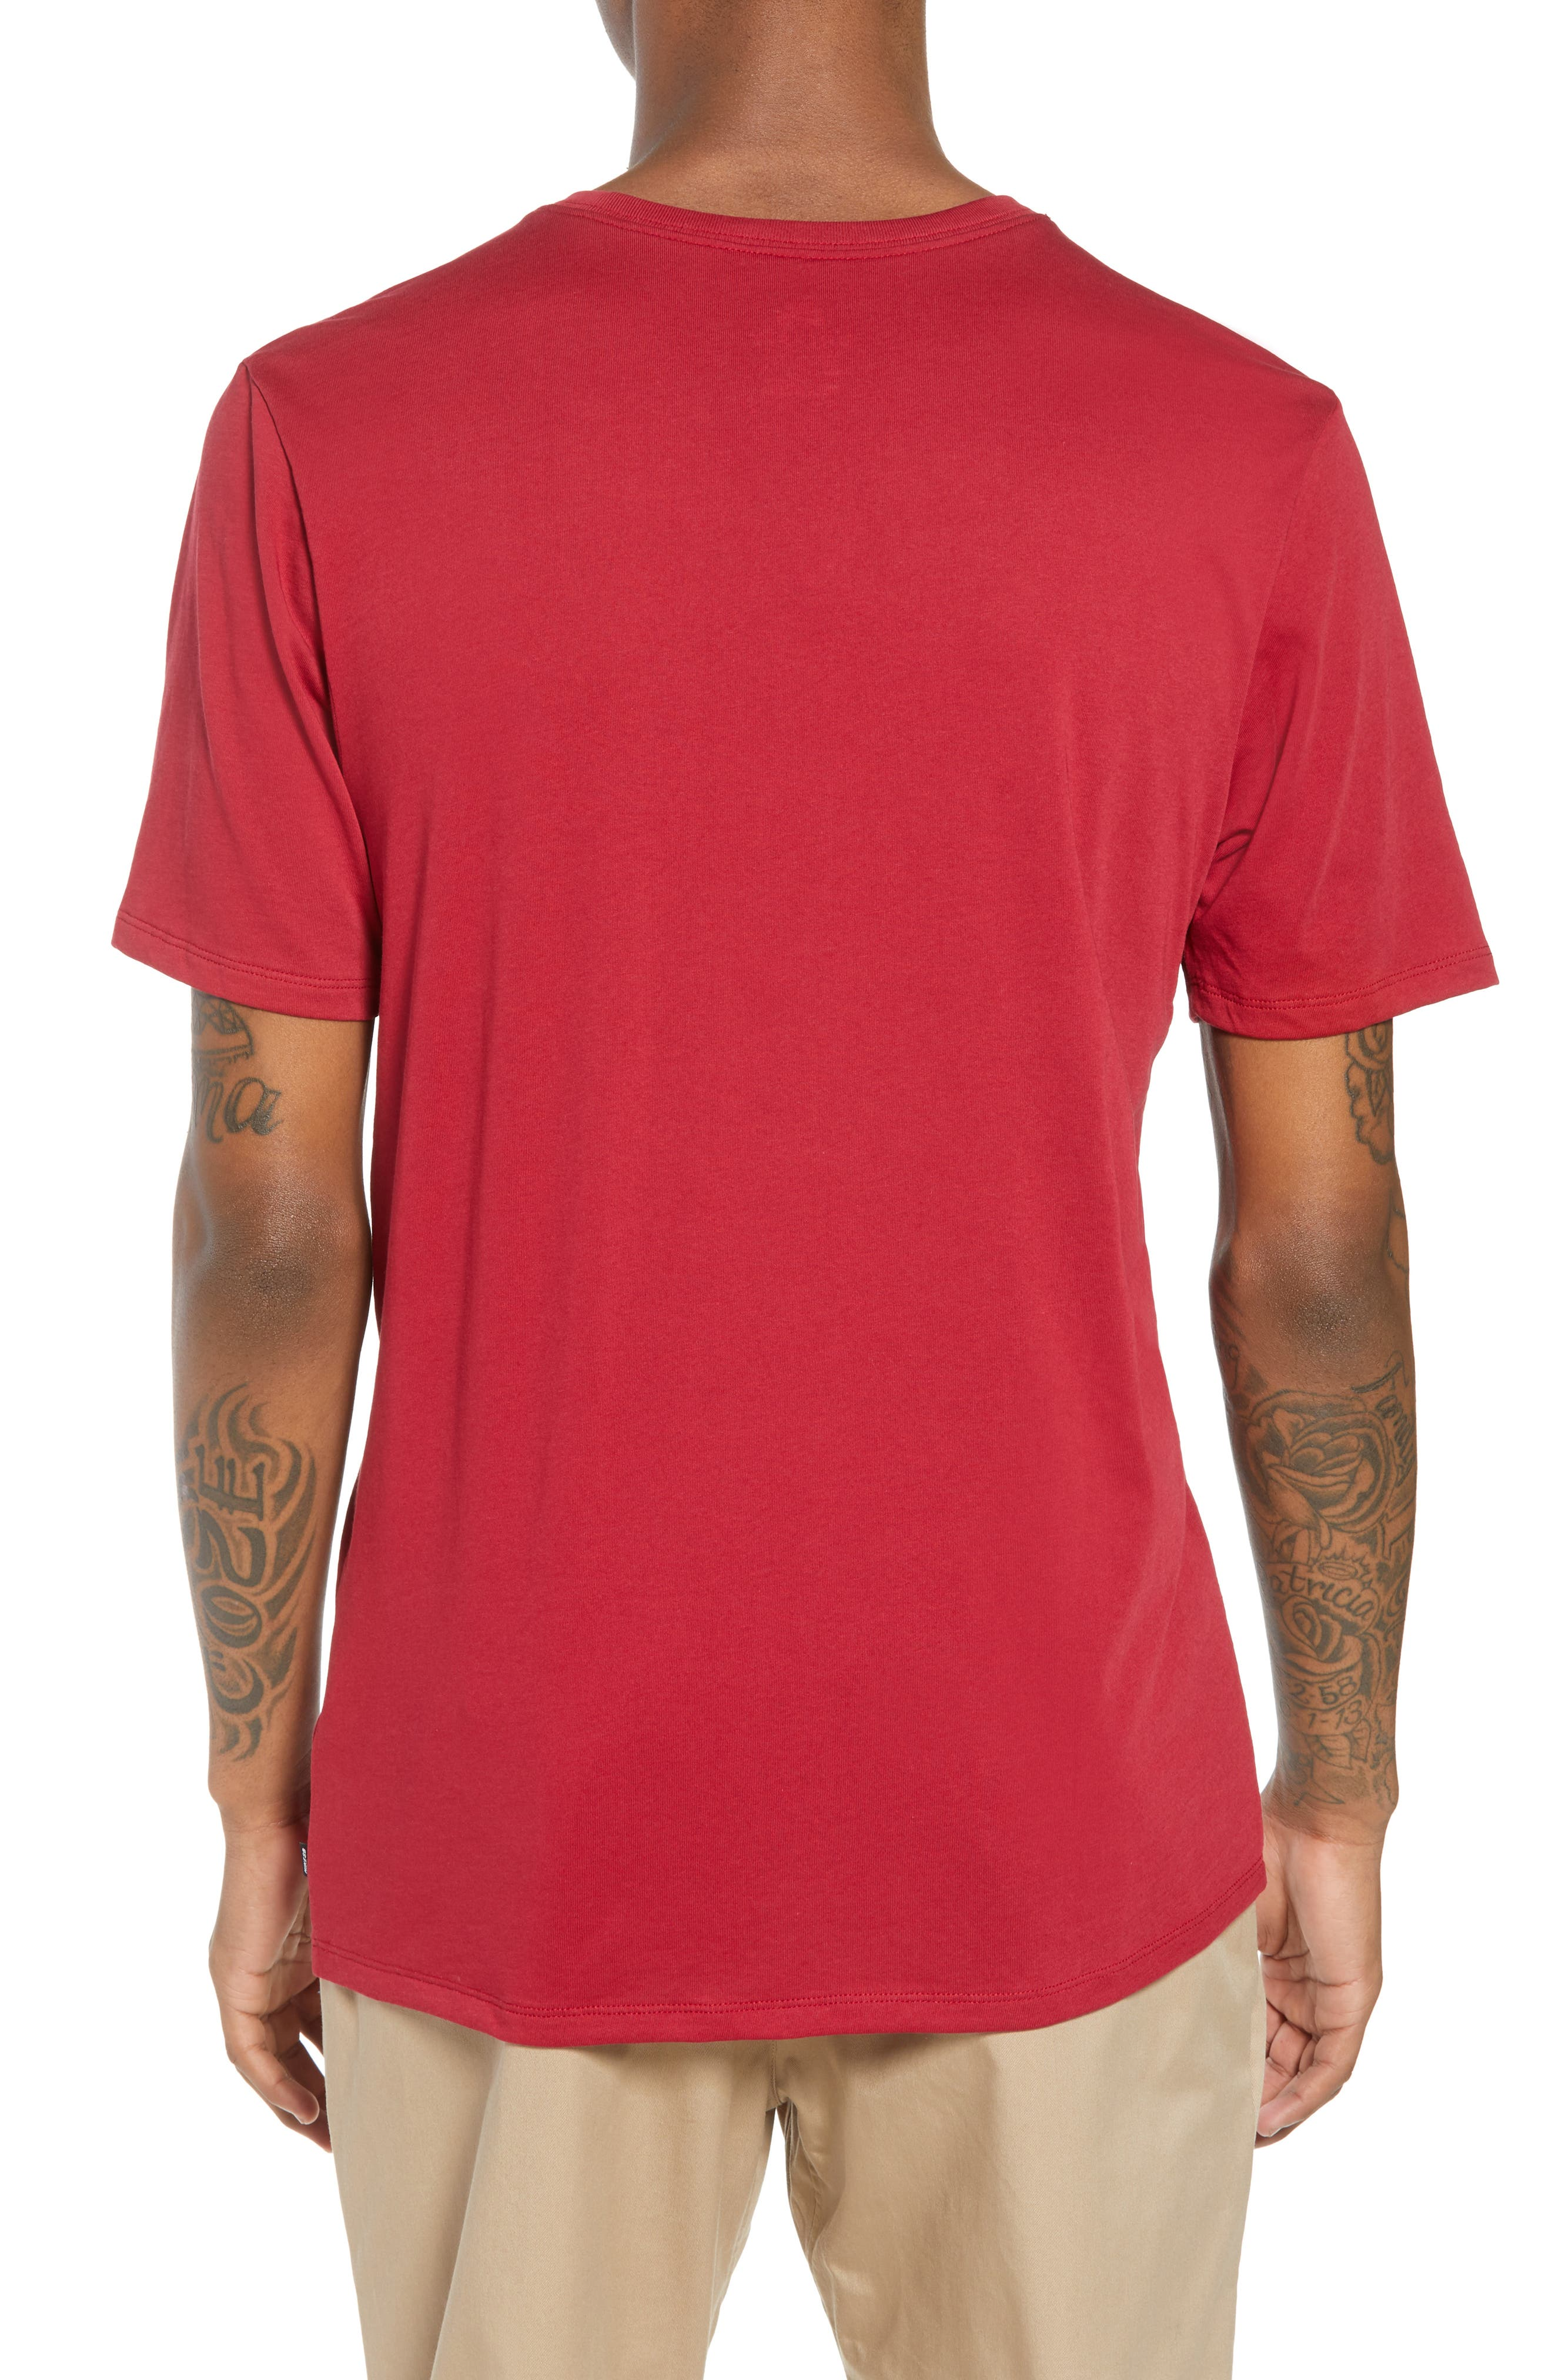 Nike 'SB Logo' T-Shirt,                             Alternate thumbnail 2, color,                             Red Crush White